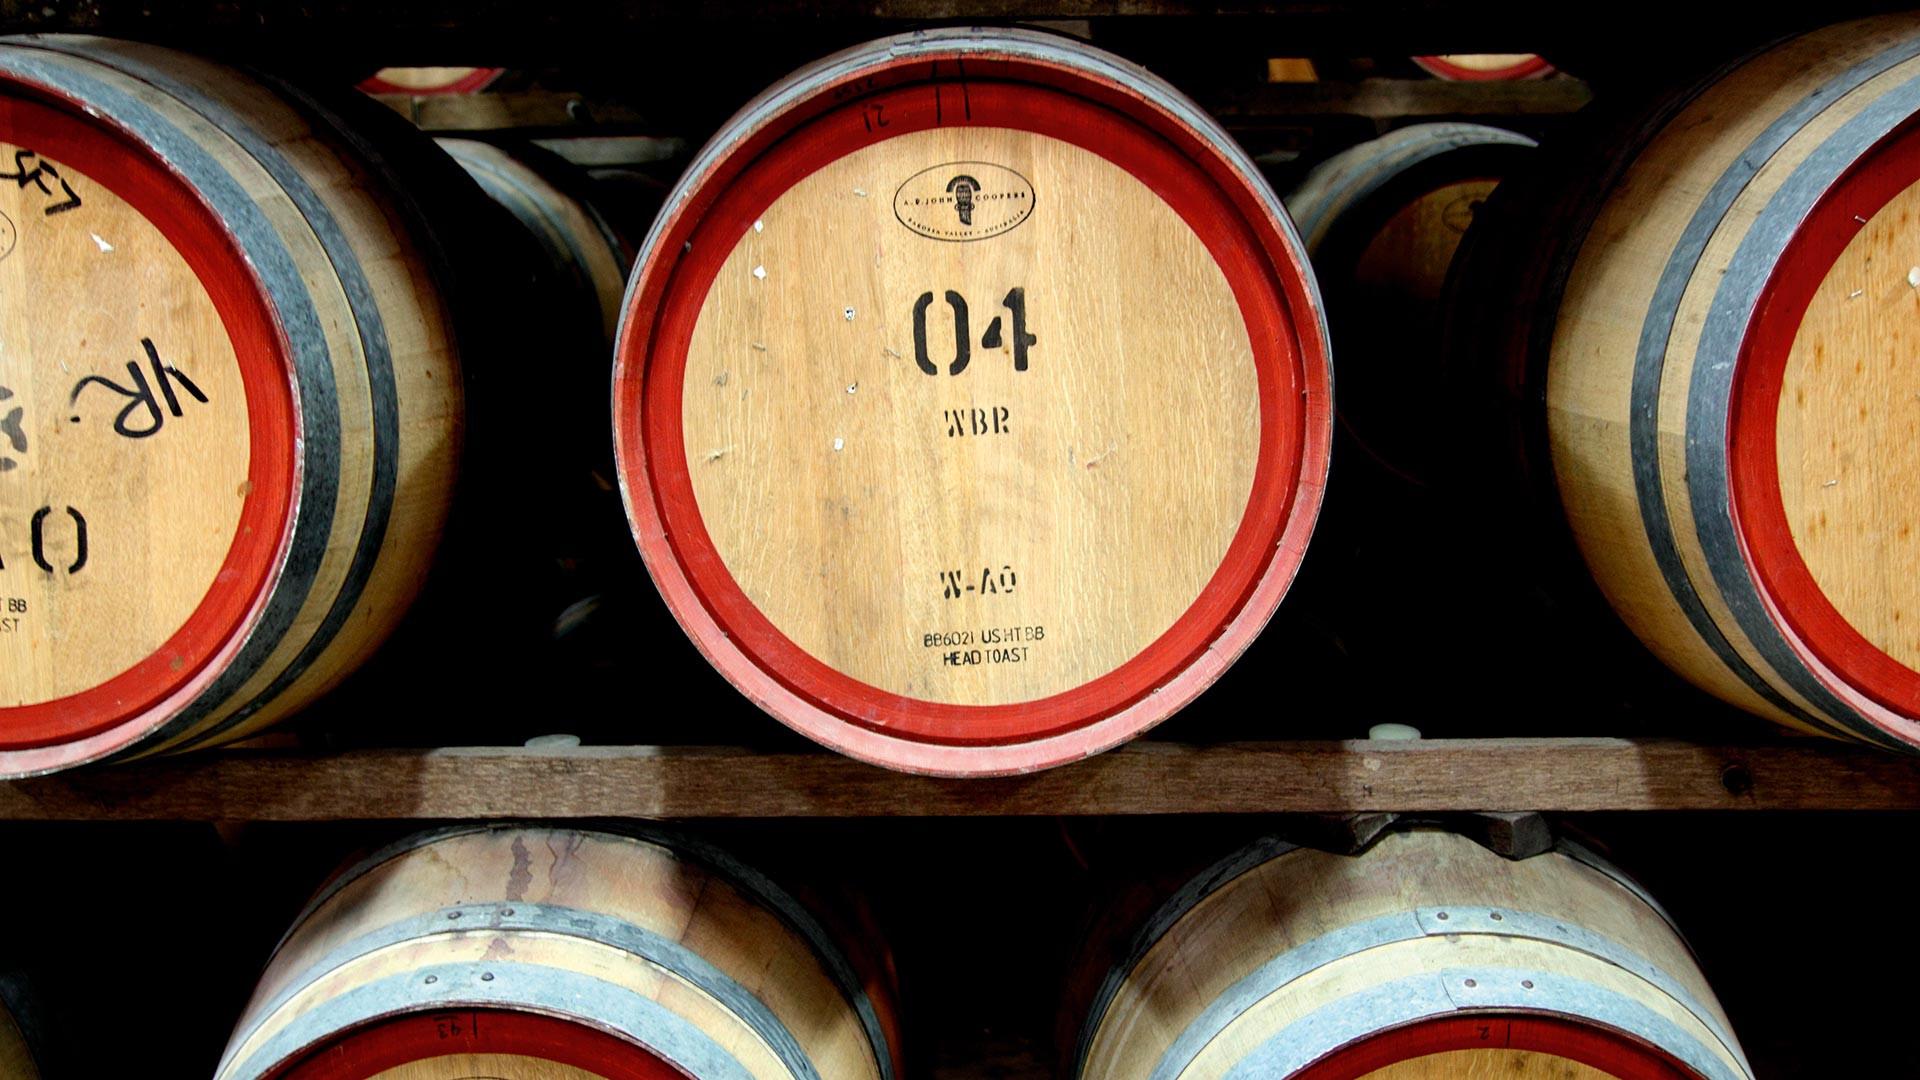 South Australian wine fermenting in barrels